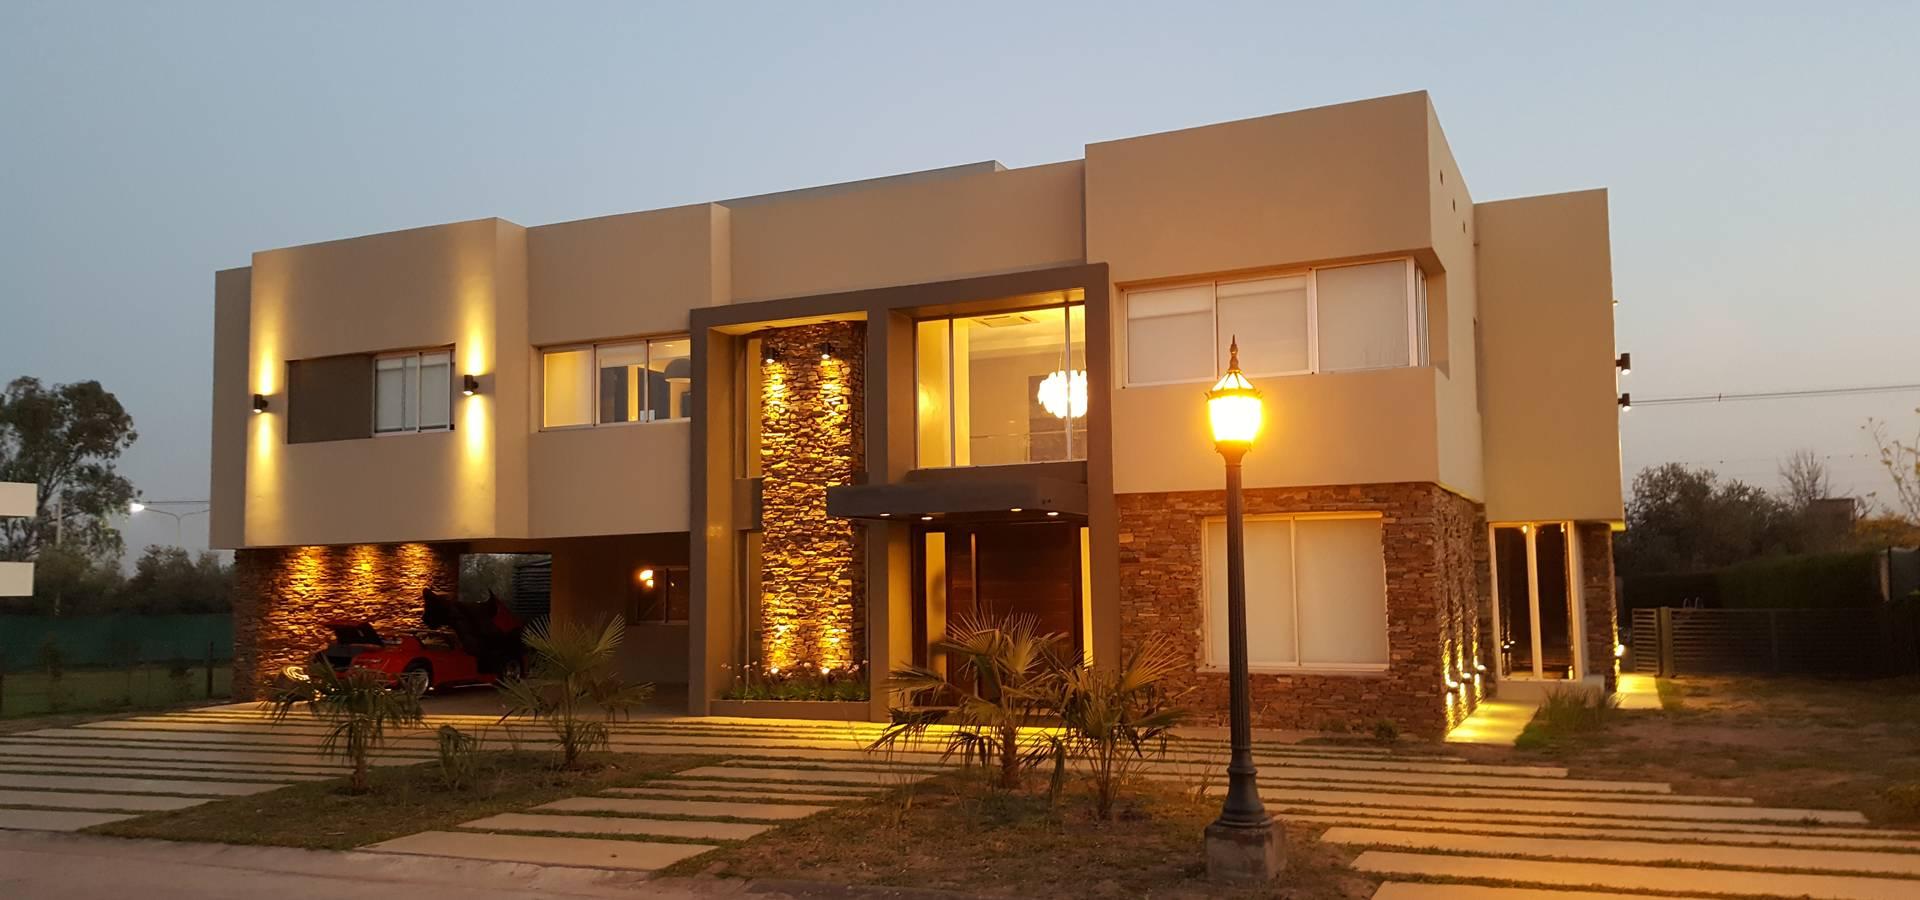 Saleme Sanchez Arquitectos